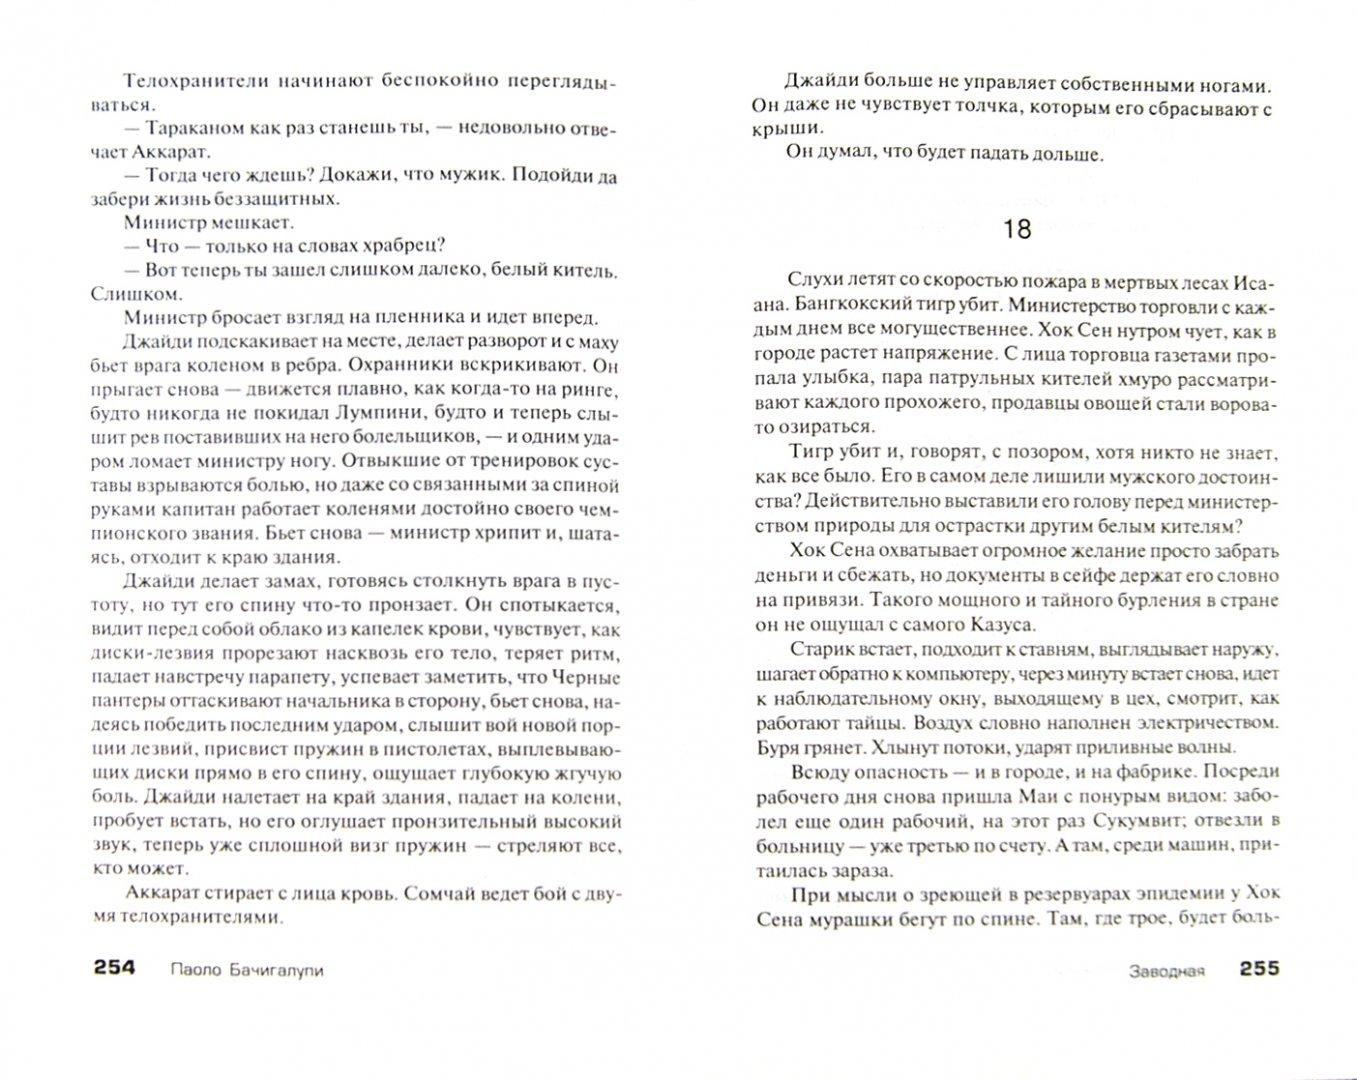 Иллюстрация 1 из 13 для Заводная и другие - Паоло Бачигалупи | Лабиринт - книги. Источник: Лабиринт